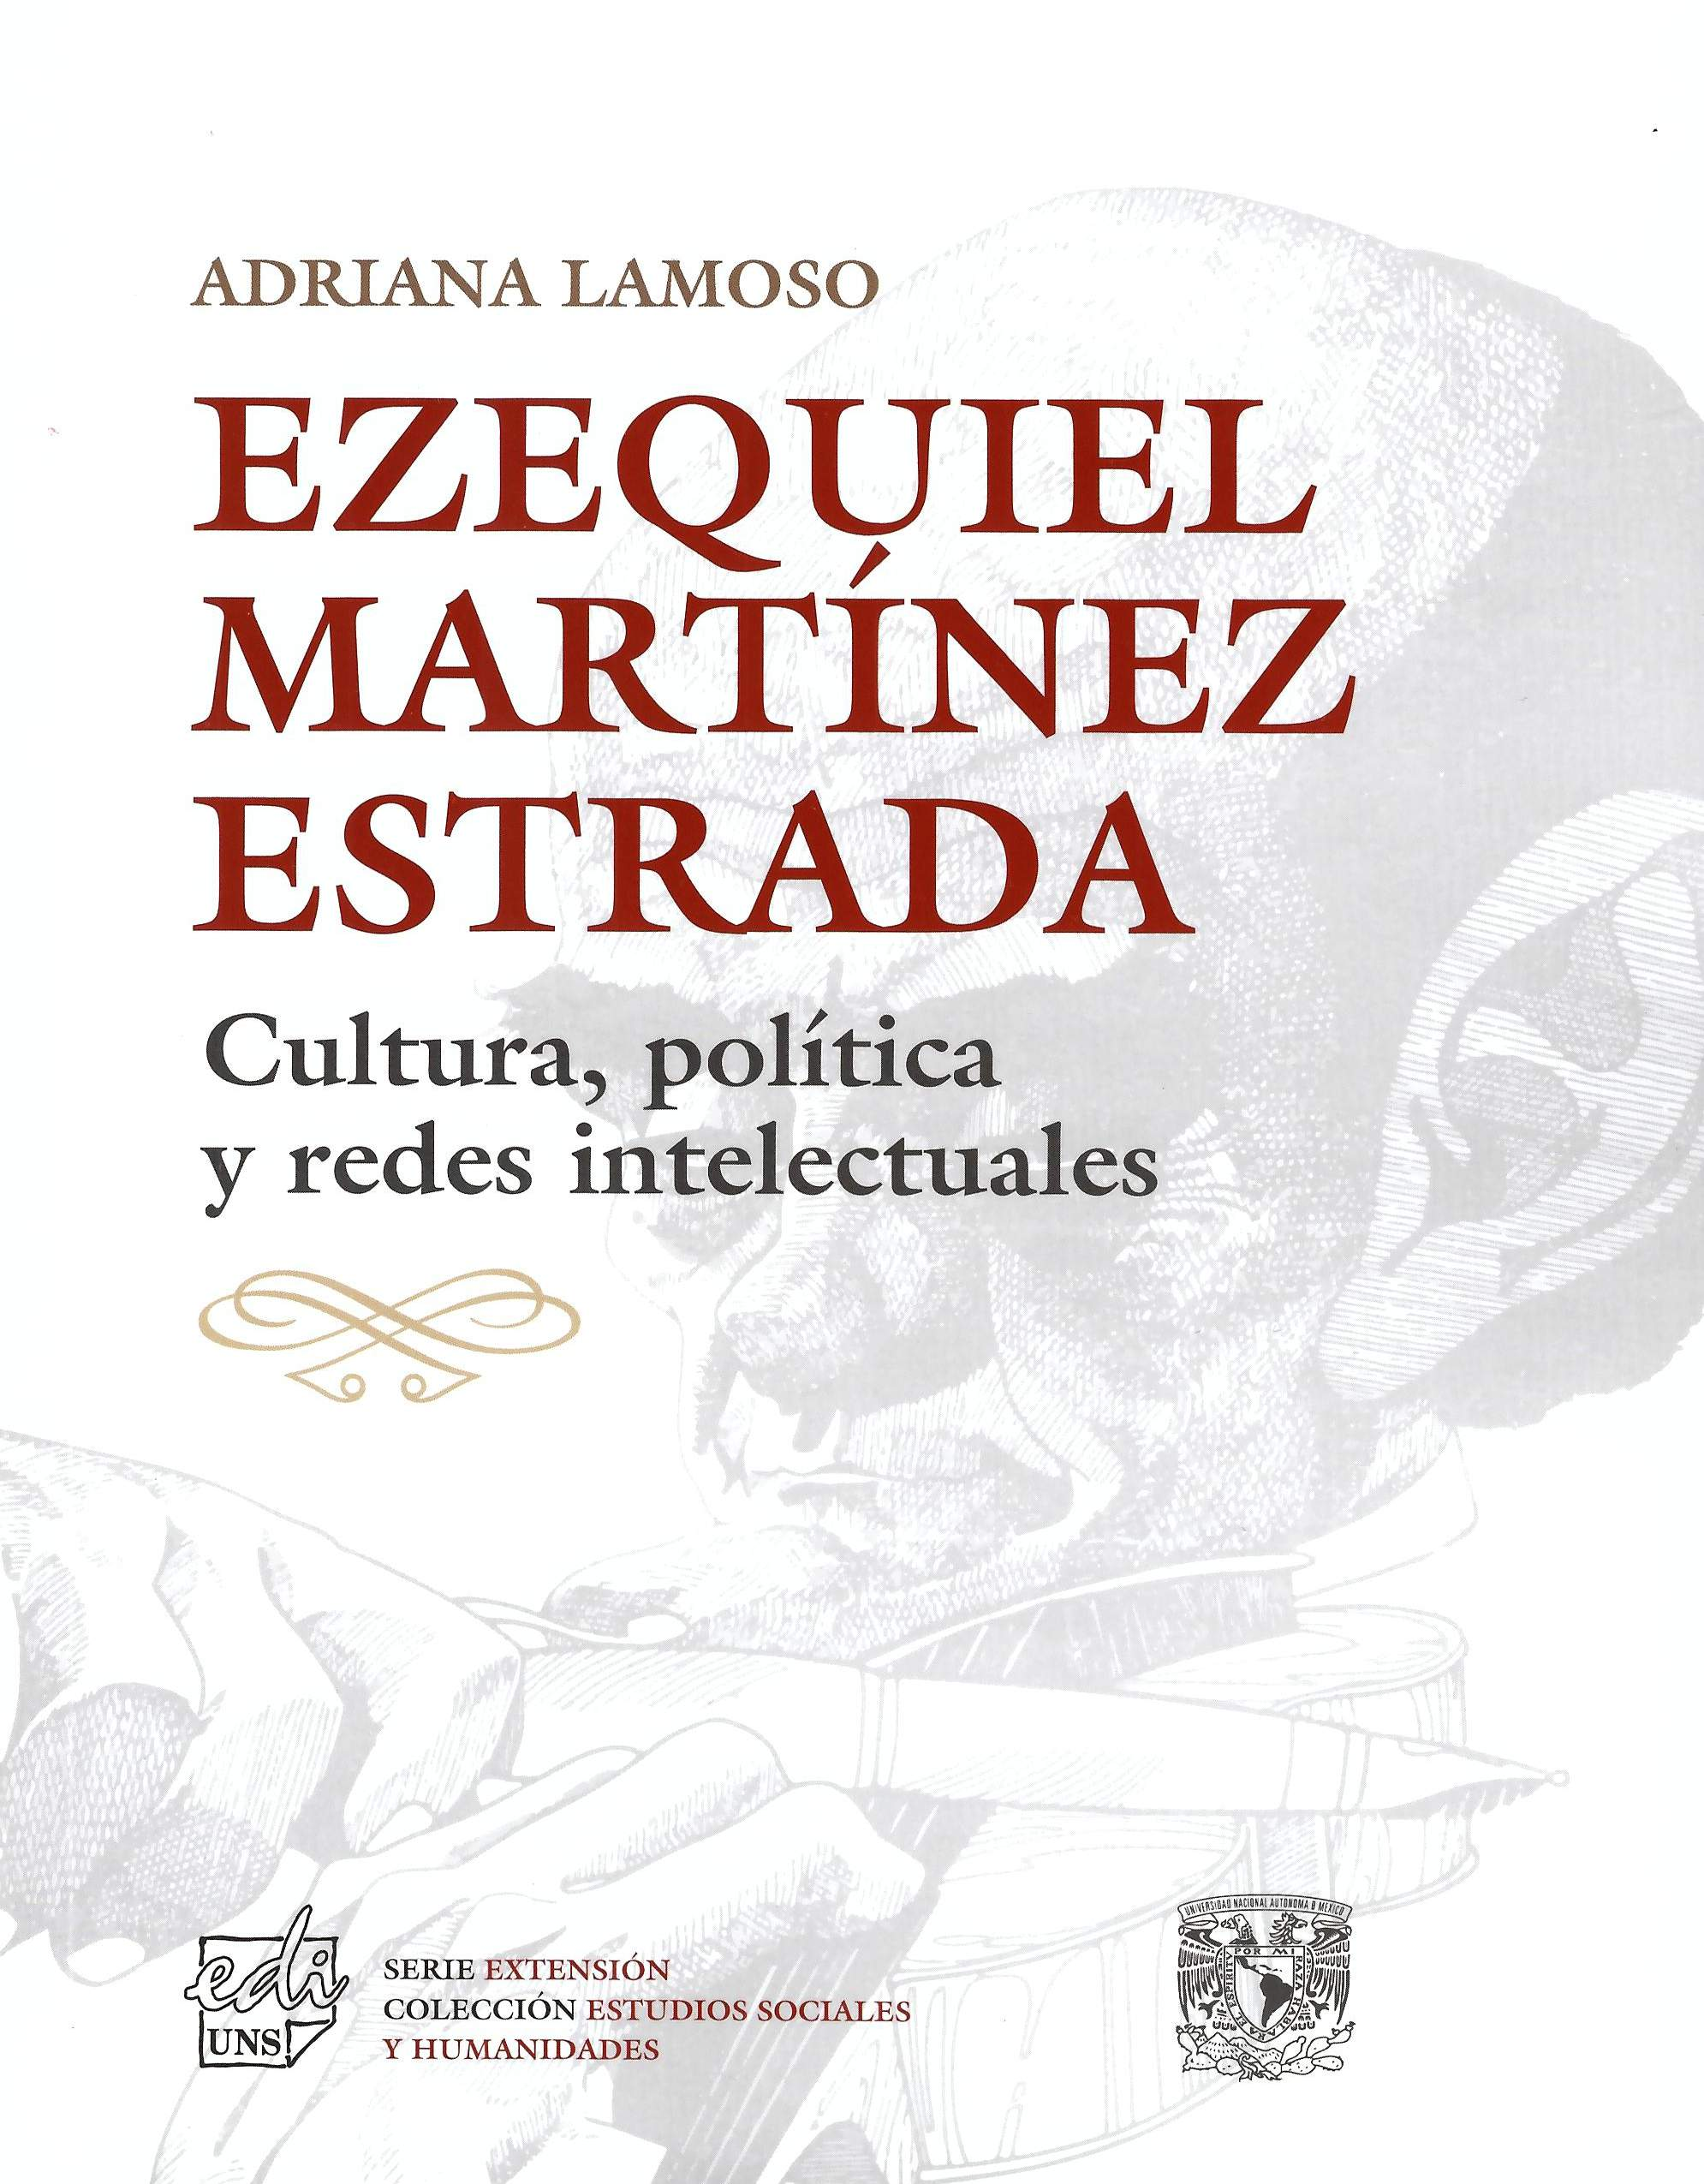 Ezequiel Martínez Estrada. Cultura, política y redes intelectuales